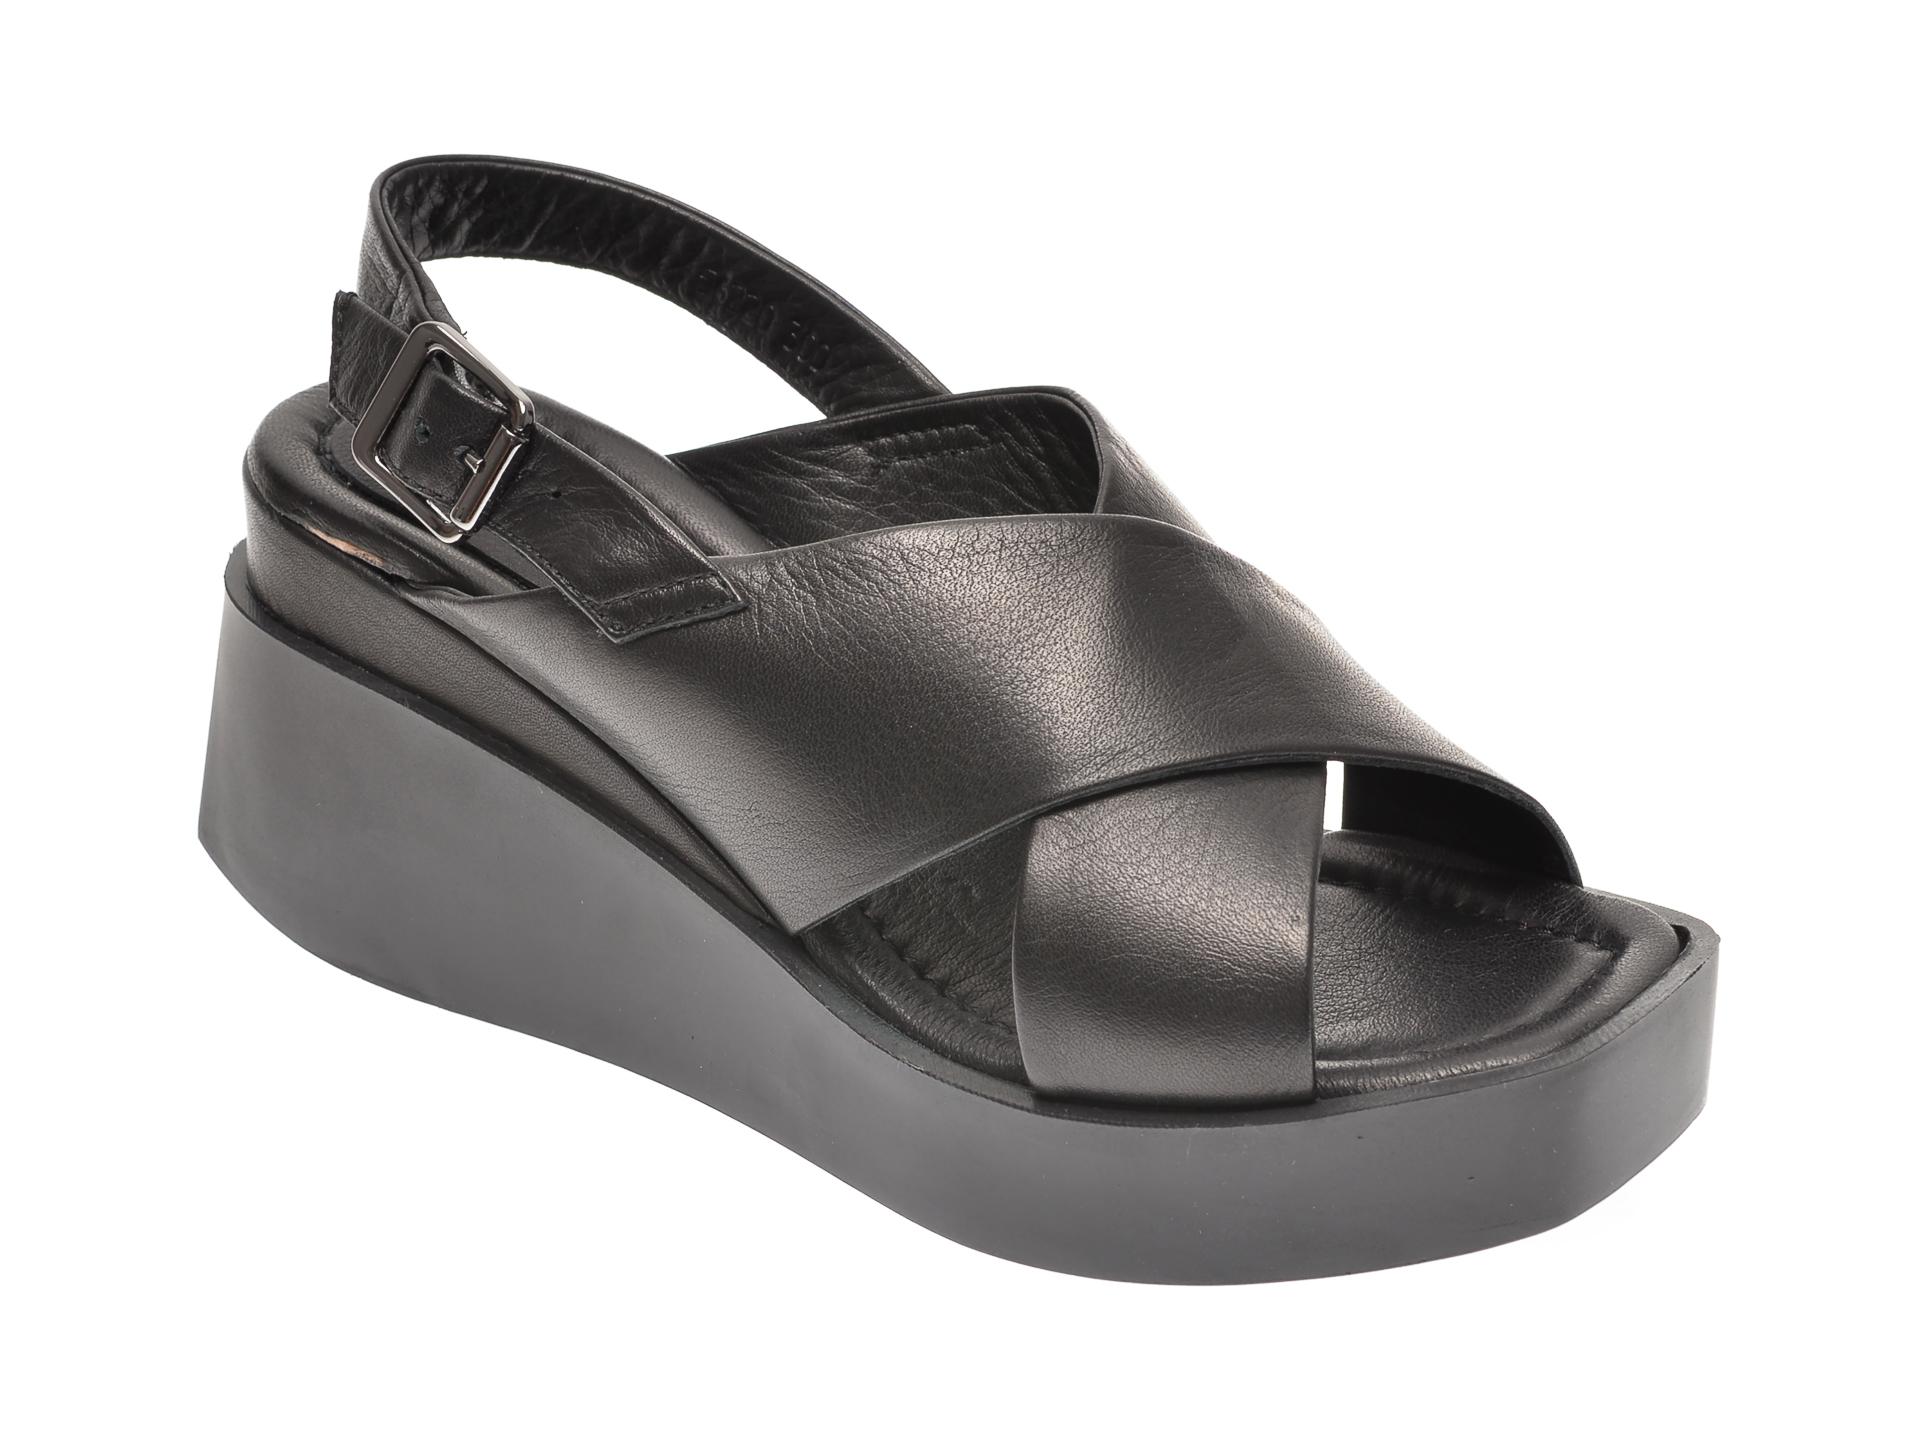 Sandale PRIMOVALERIO negre, 56220, din piele naturala